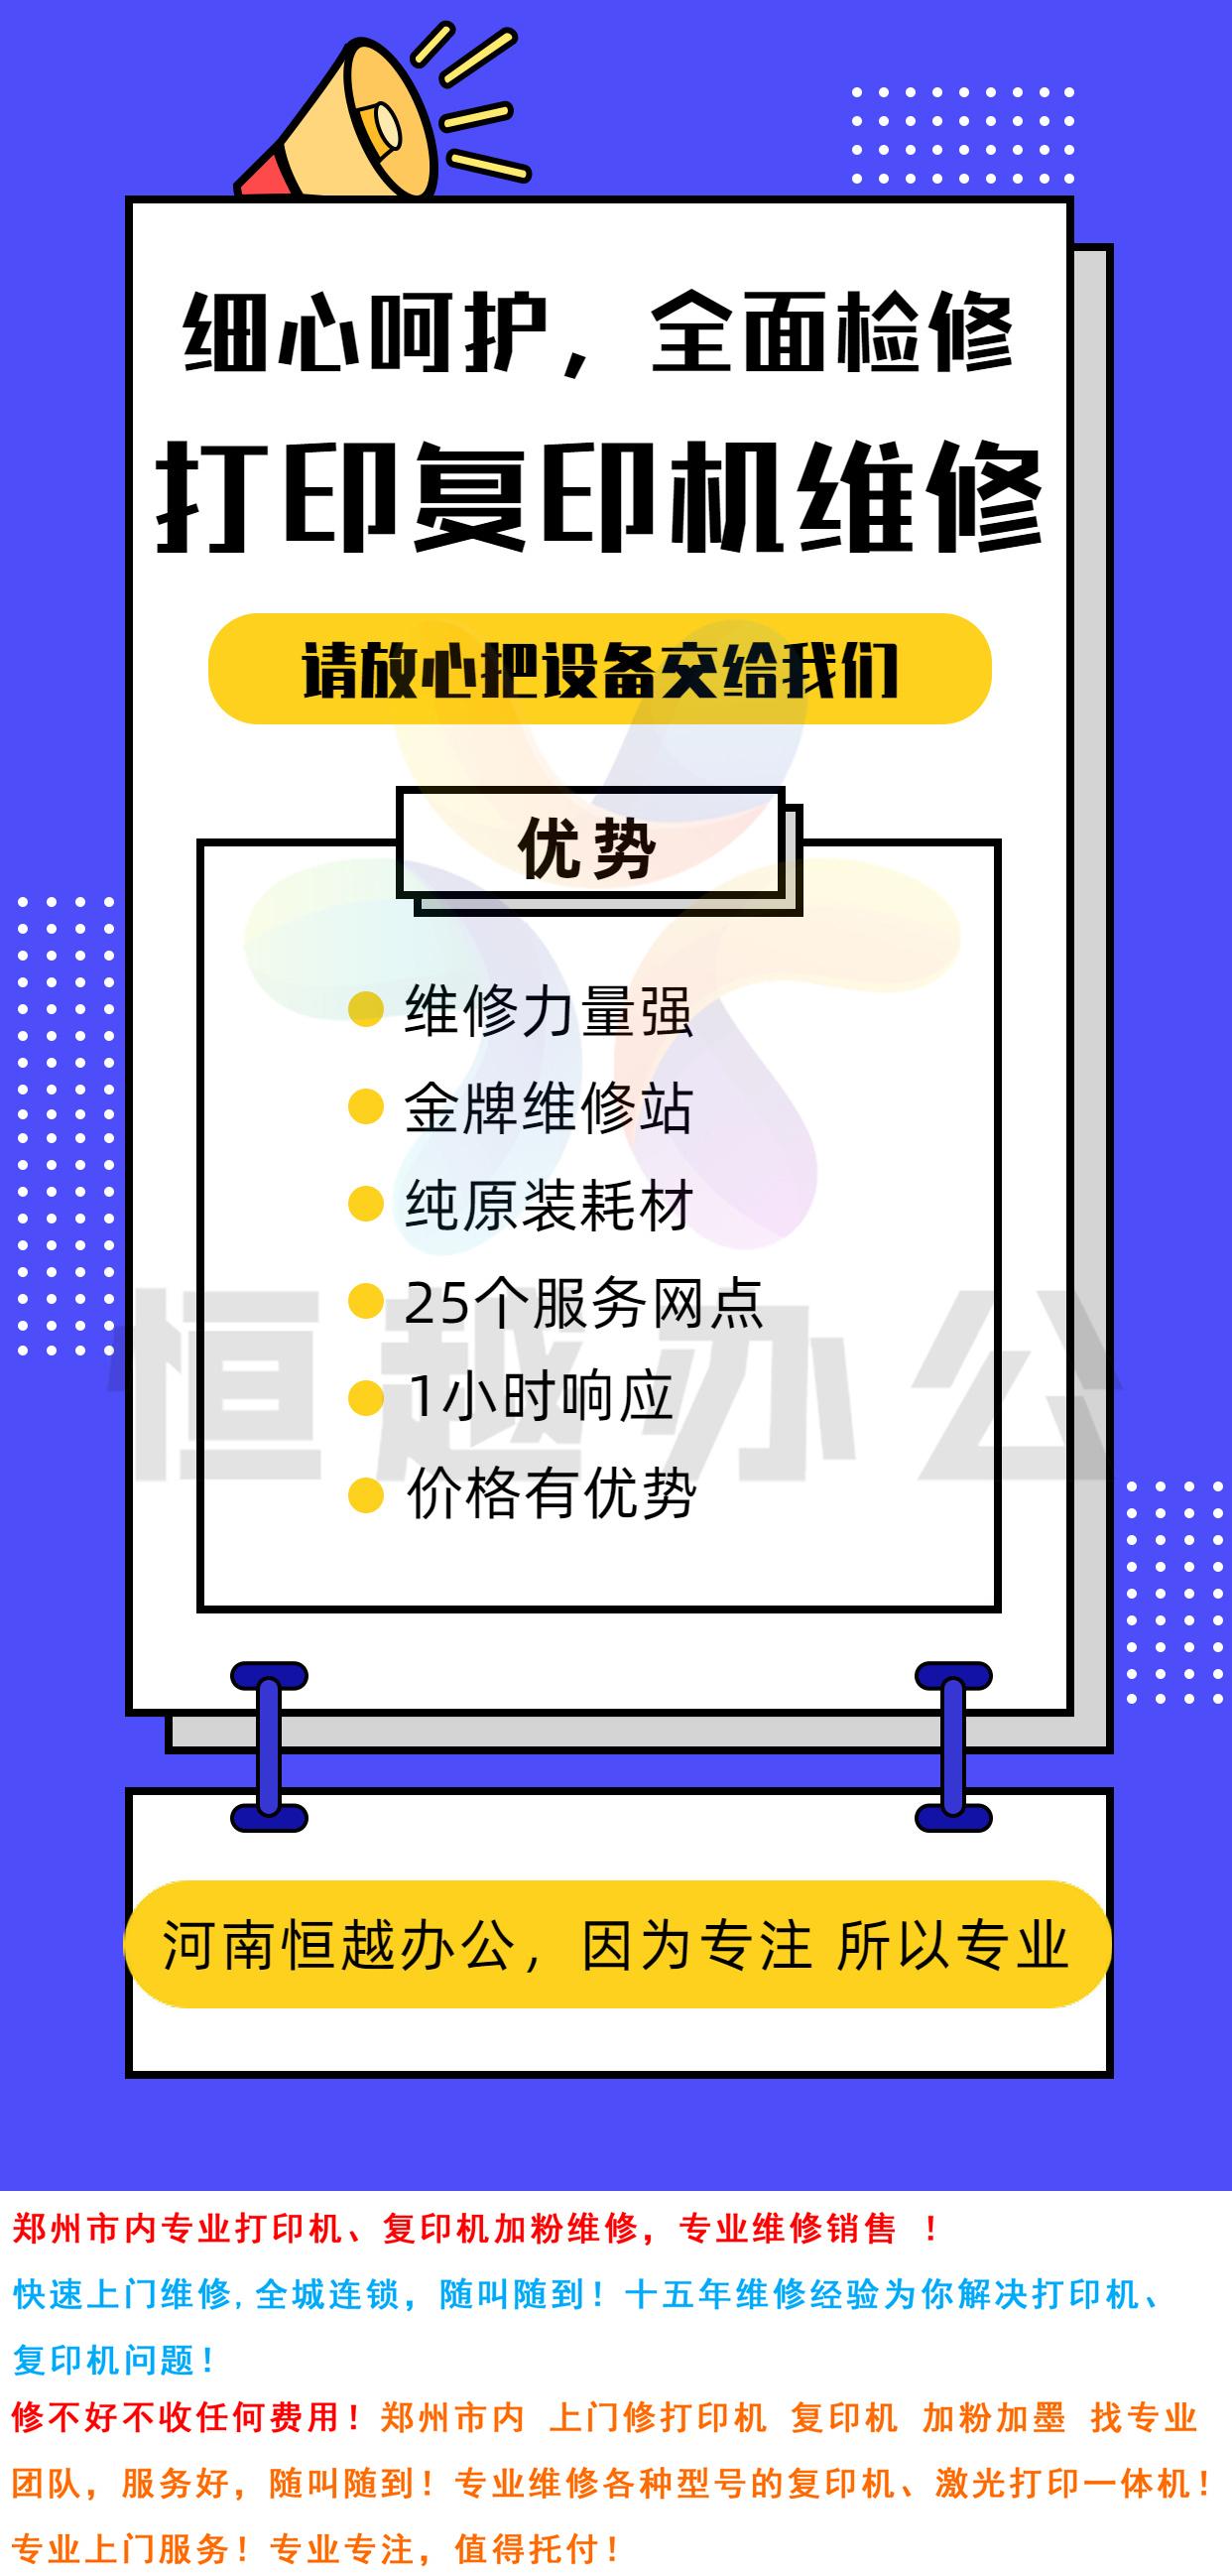 广州戴尔官方电脑维修郑州柯尼卡美能达复印机上门加墨-值得信赖